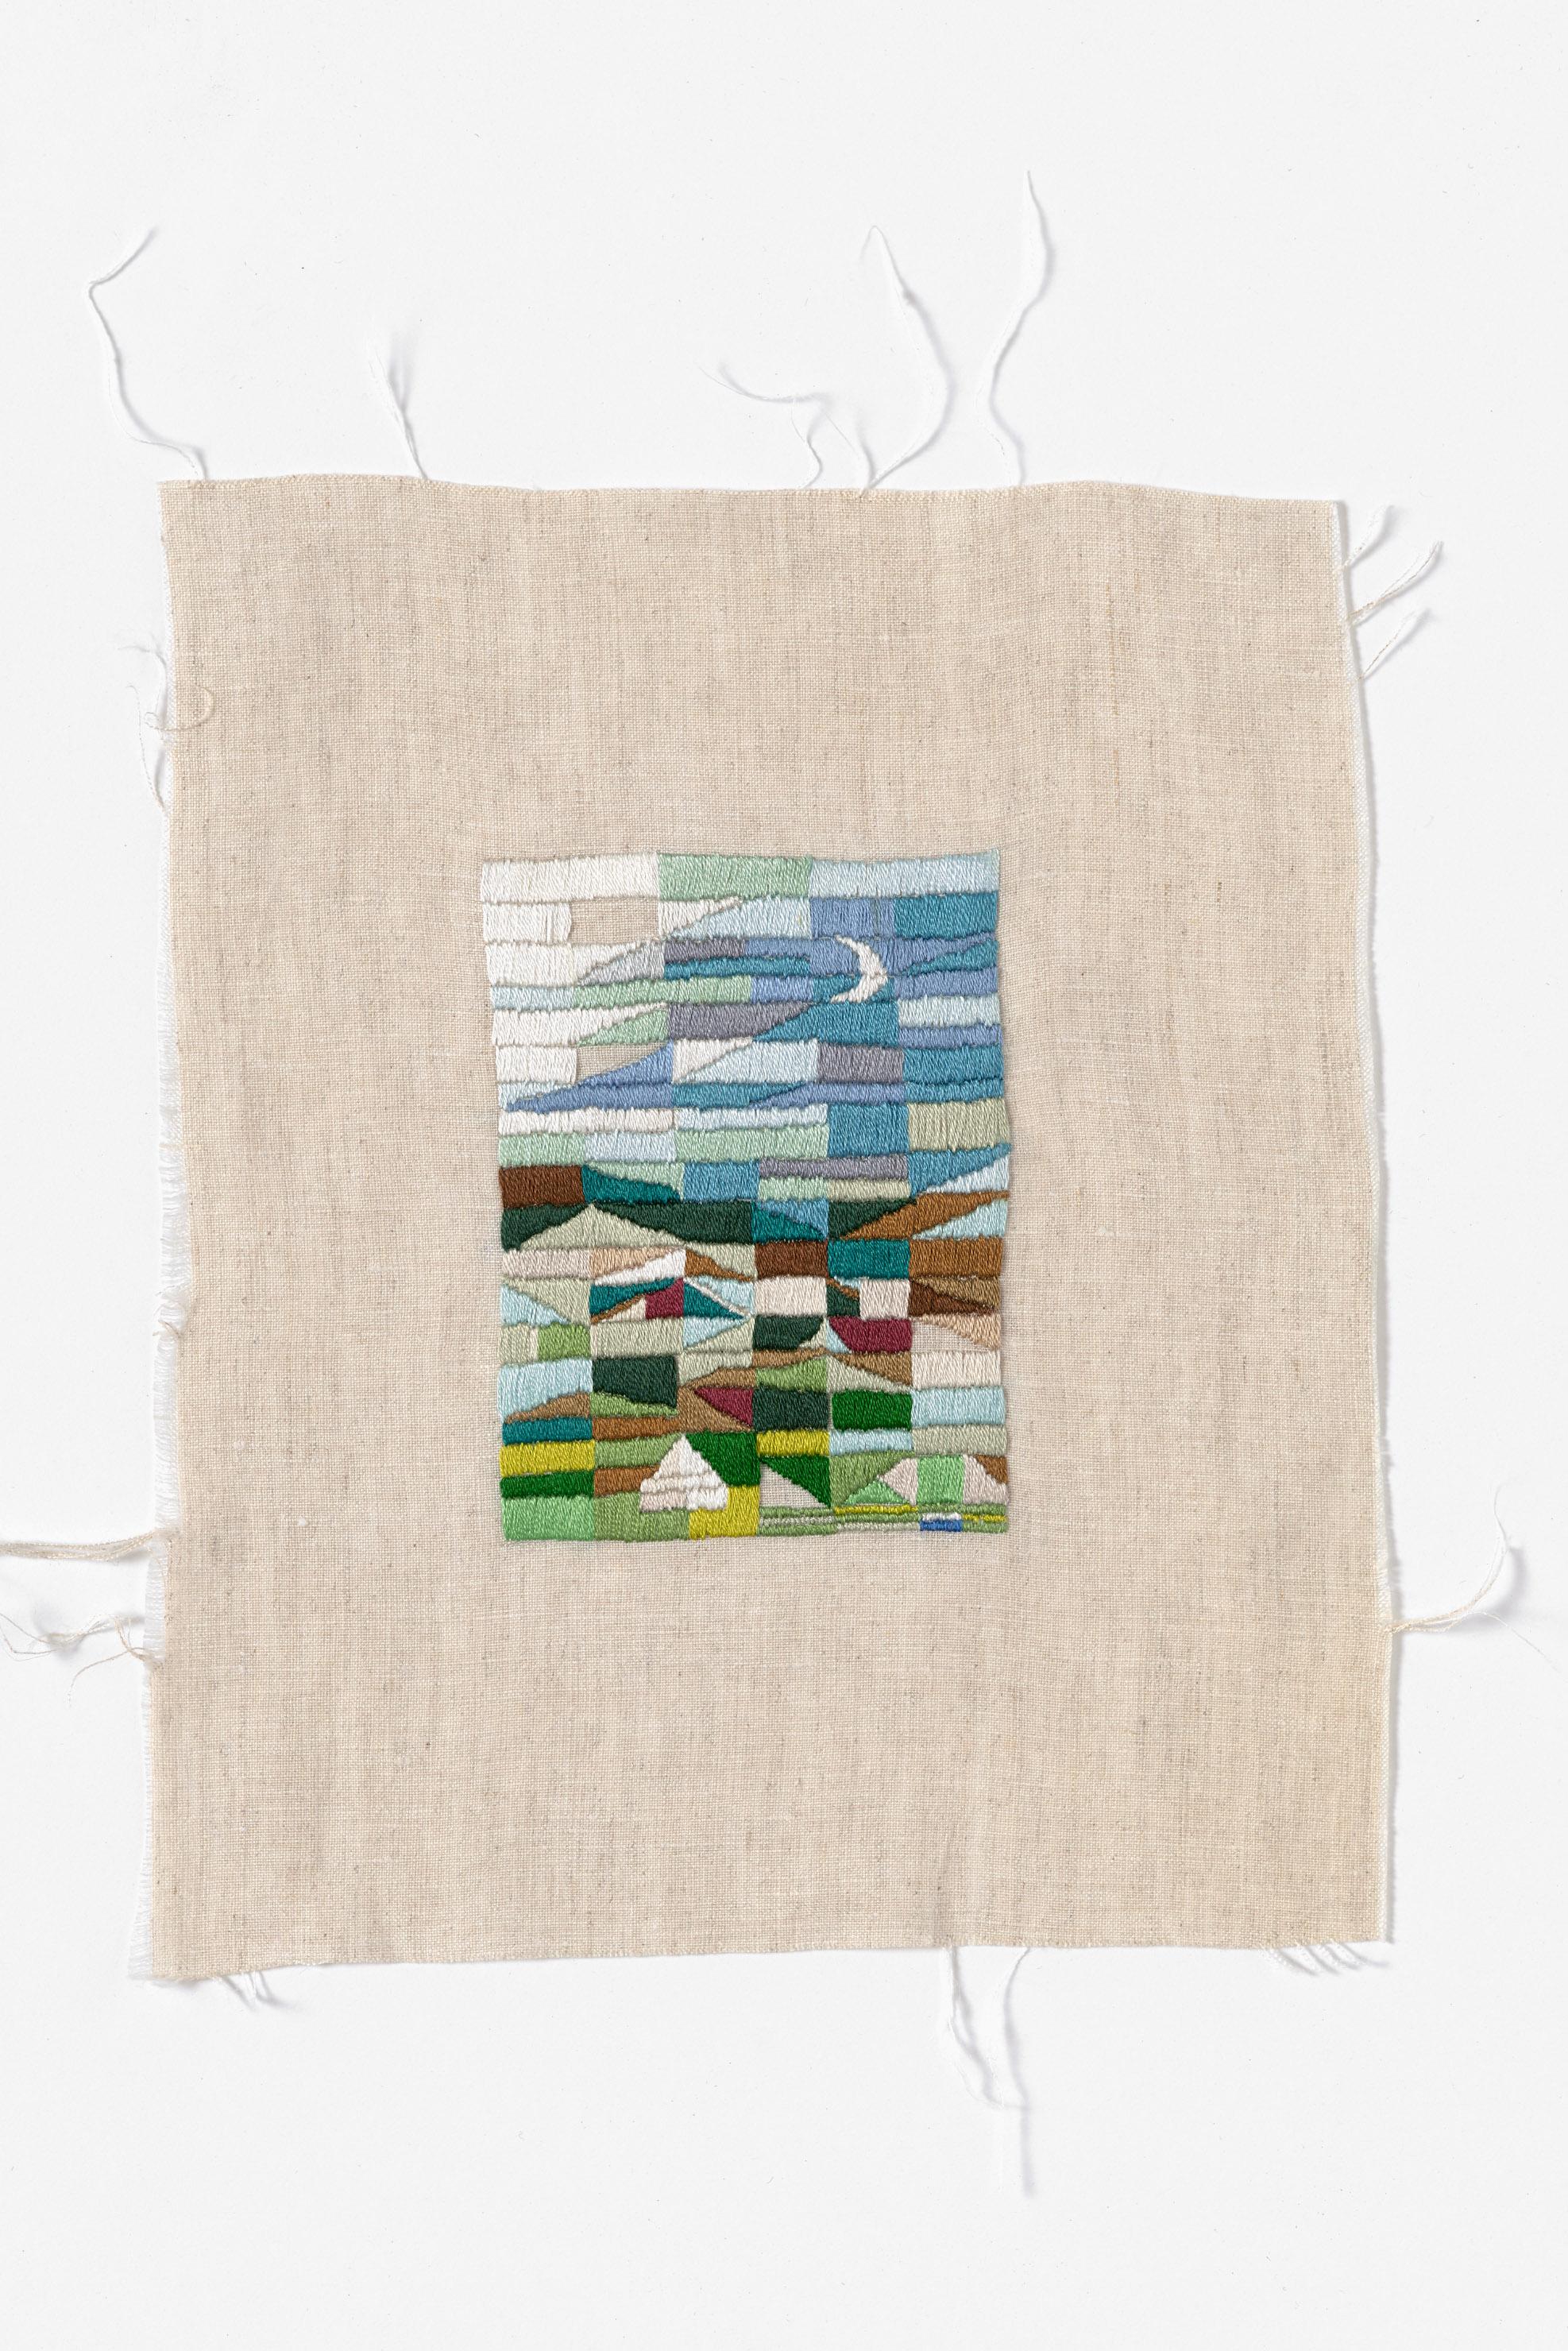 Longridge, midnight  2015 Cotton thread on linen 22 x 26cm